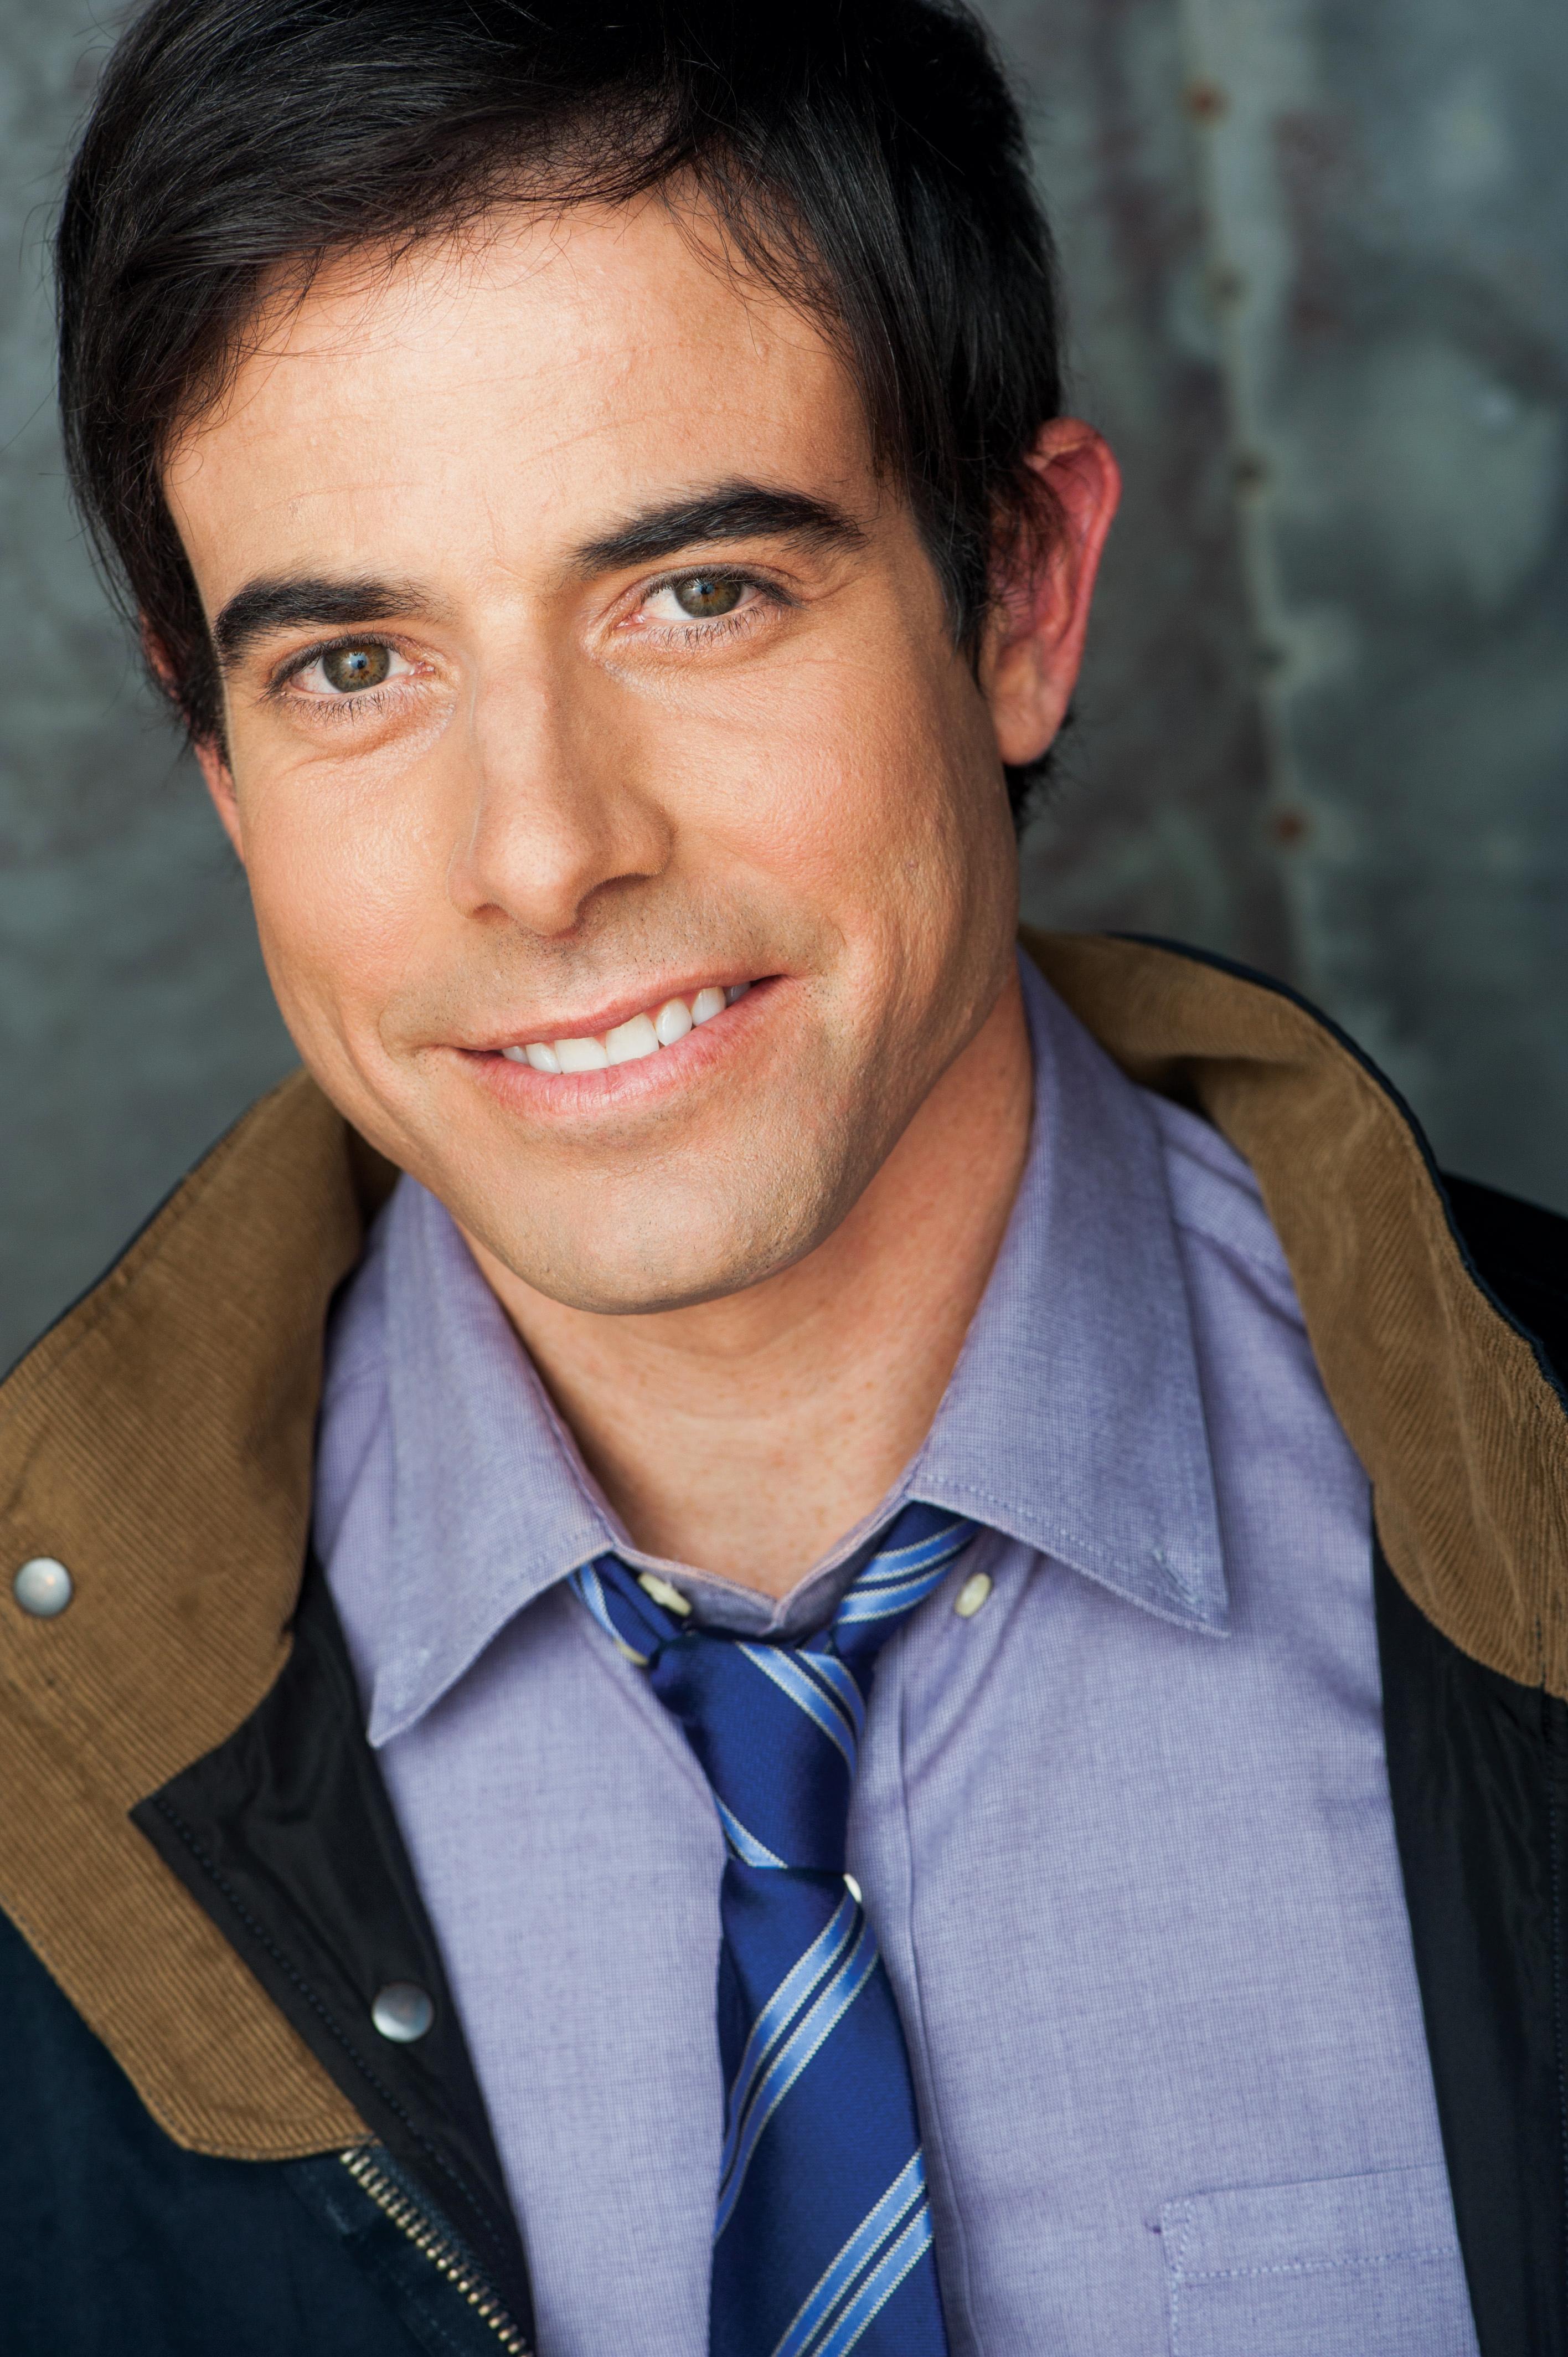 Aaron Michael Metchik